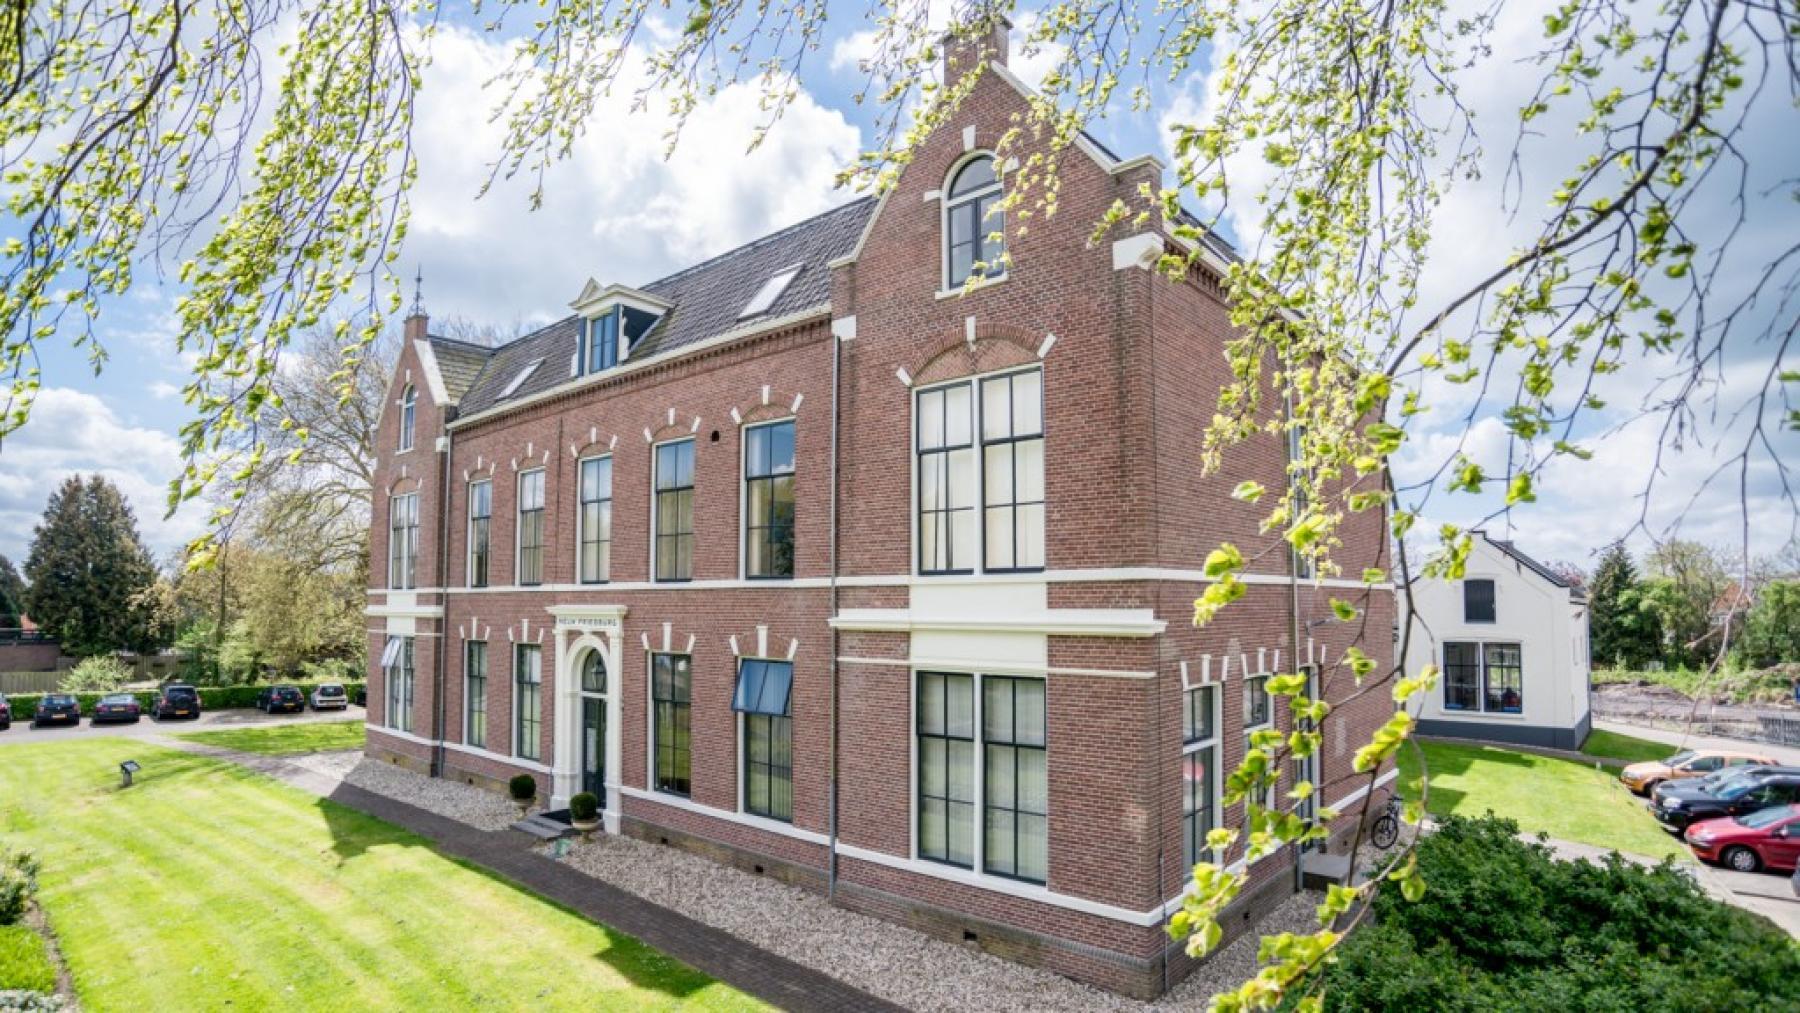 kantoorruimte huur Heerenveen 4 1024x576